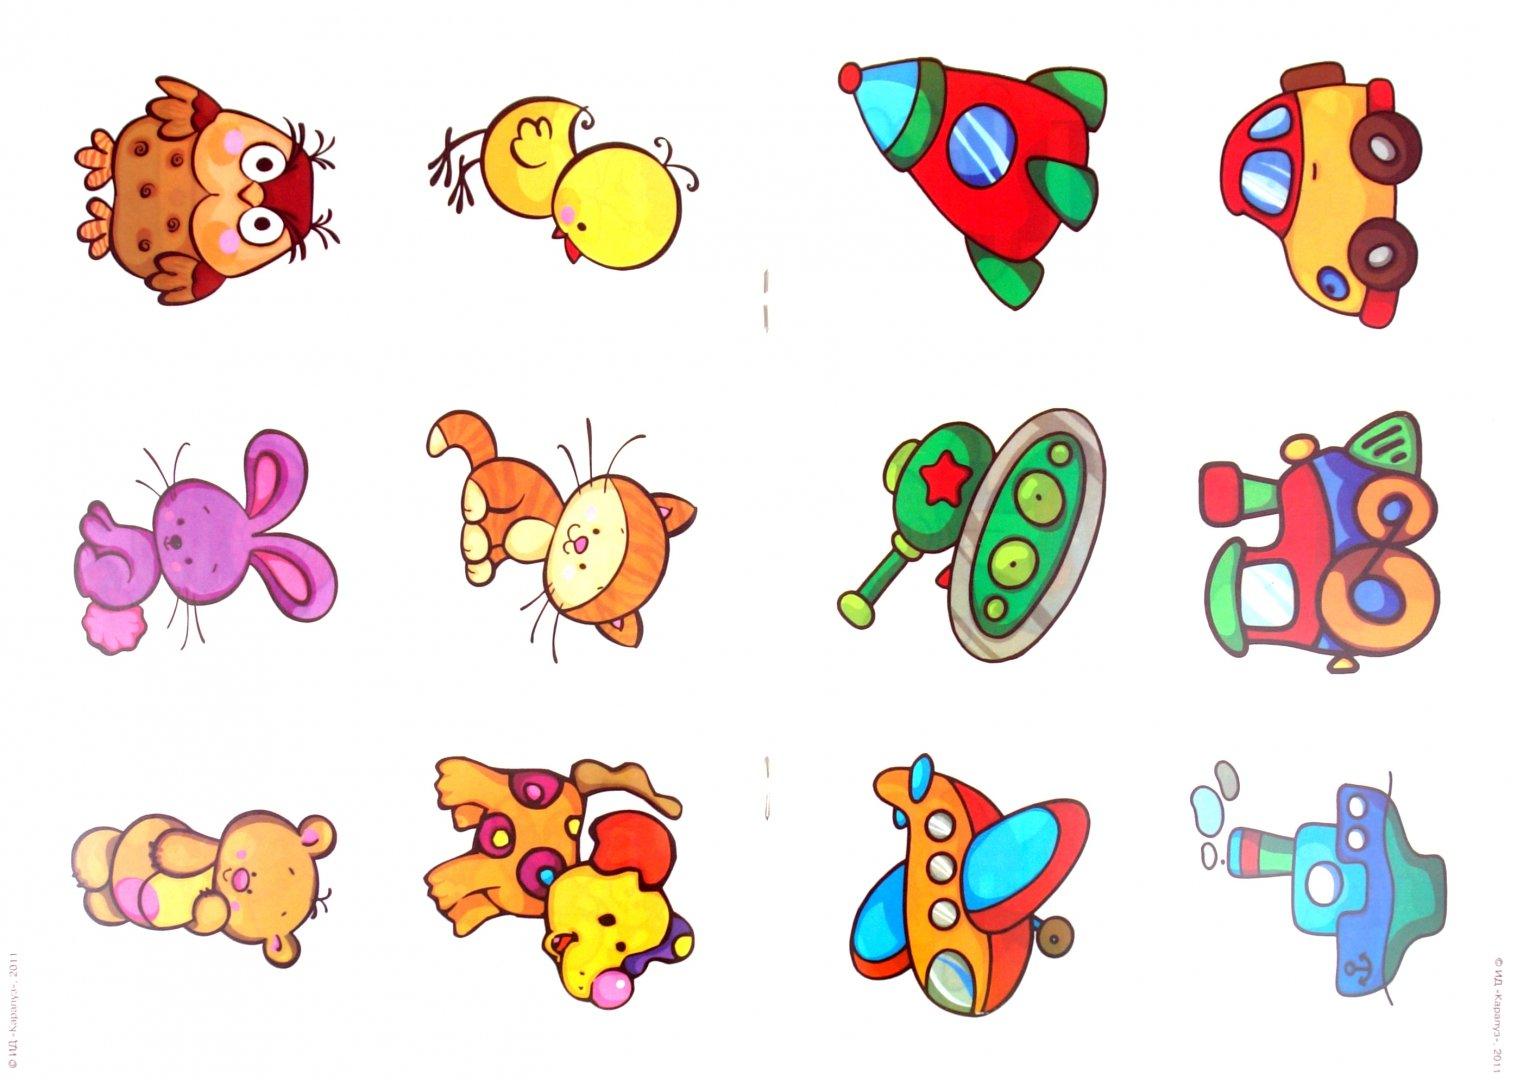 изменяет картинки на шкафчики на тему игрушки днём влюблённых поздравляю